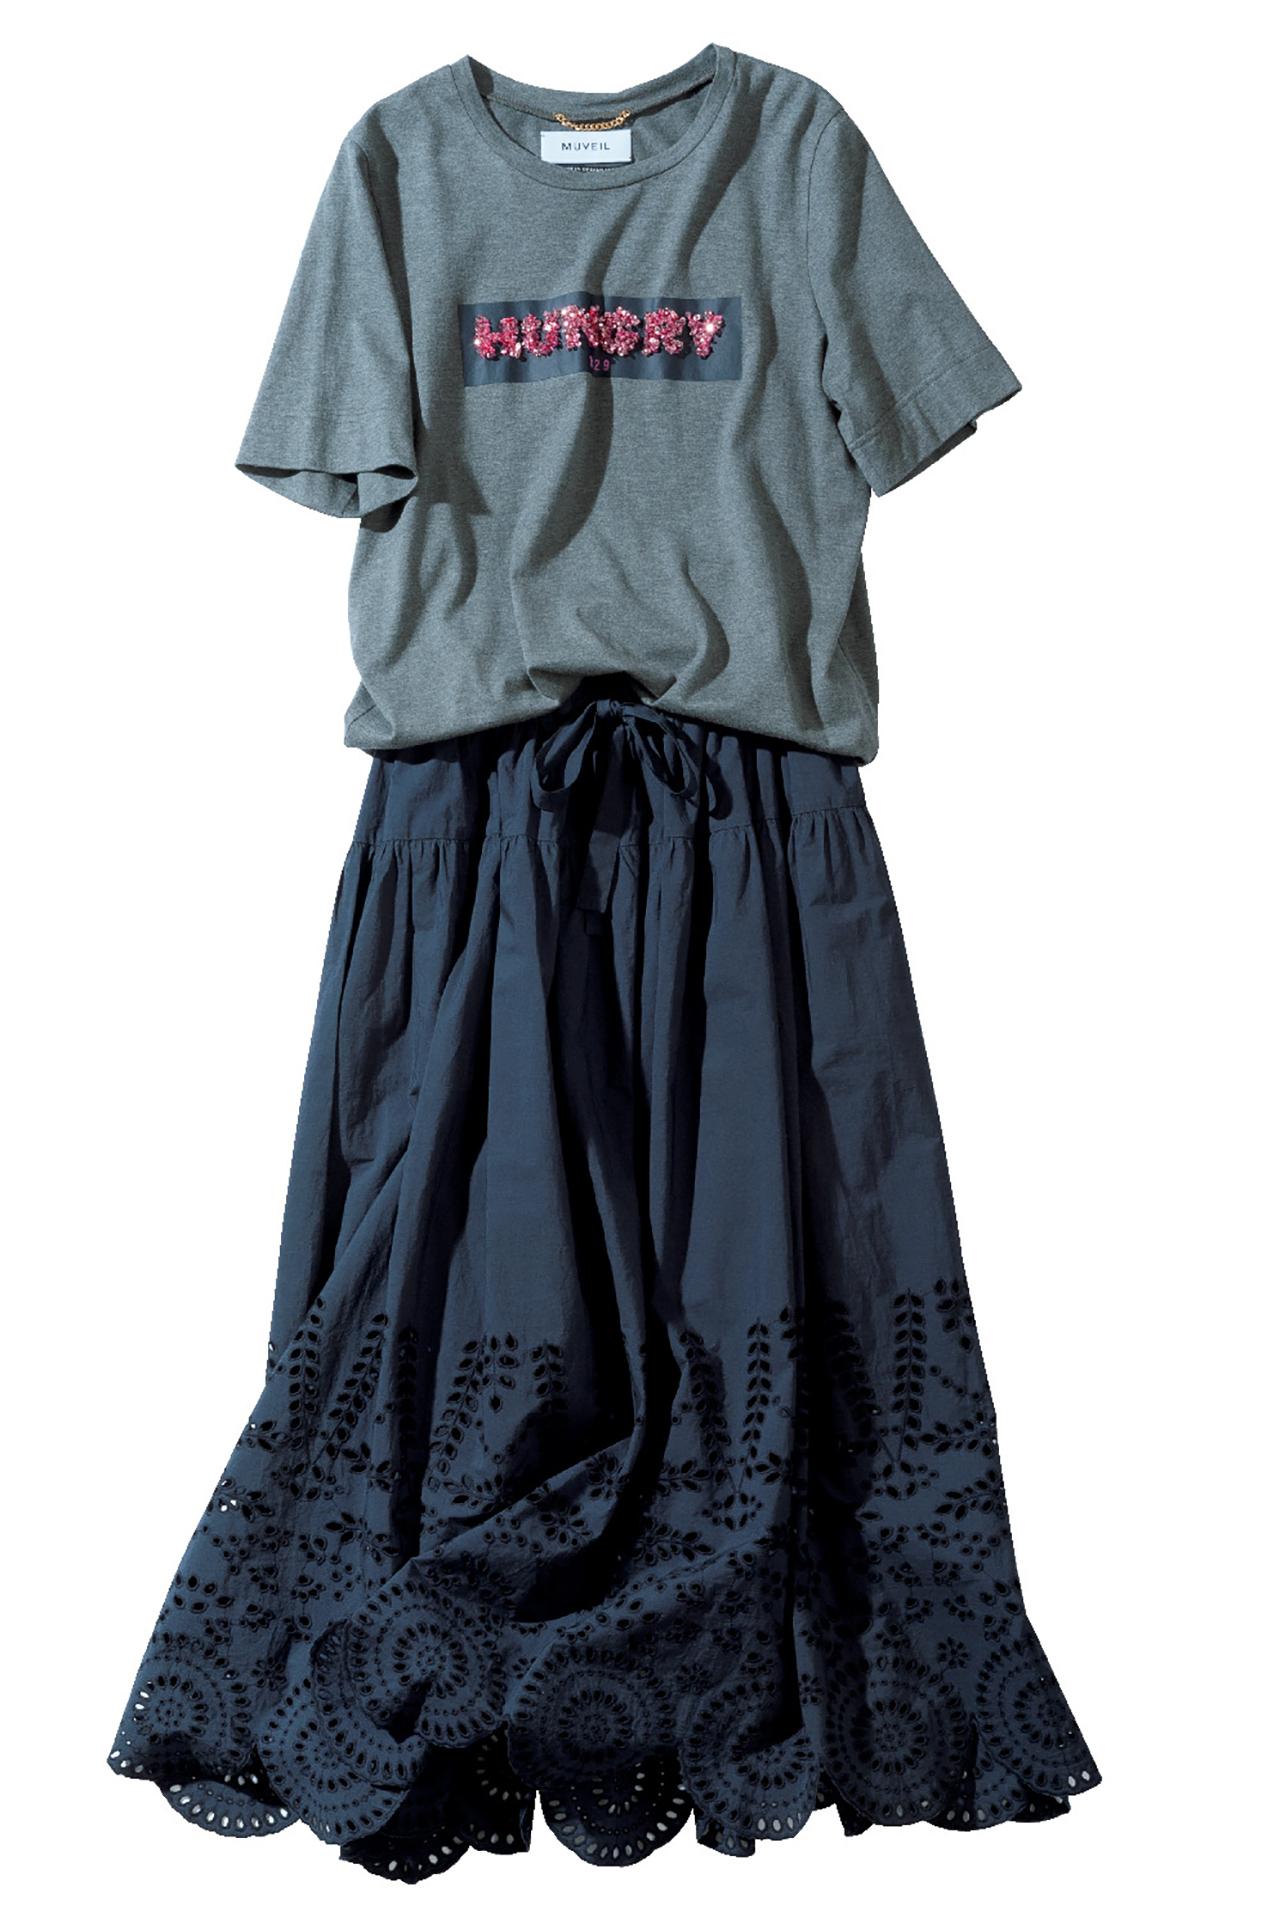 エクラ世代が安心して着られる! 特選ブランドのTシャツでお出かけを 五選_1_1-5